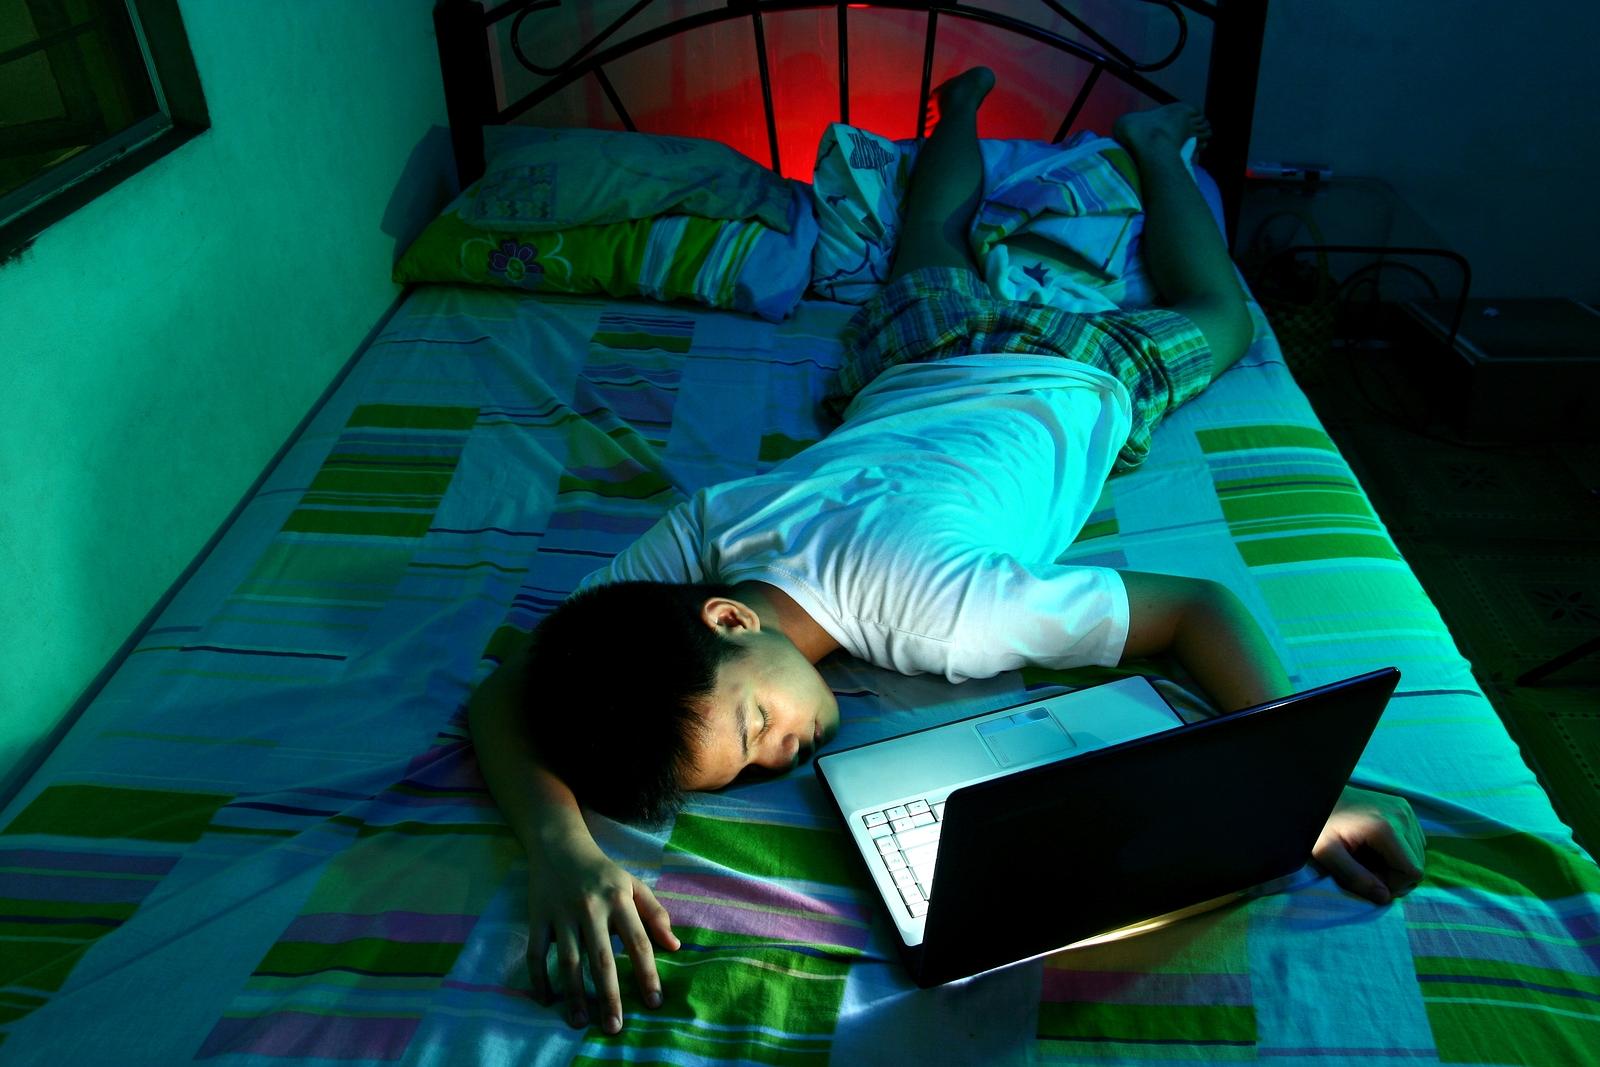 Гаджеты и плохой сон